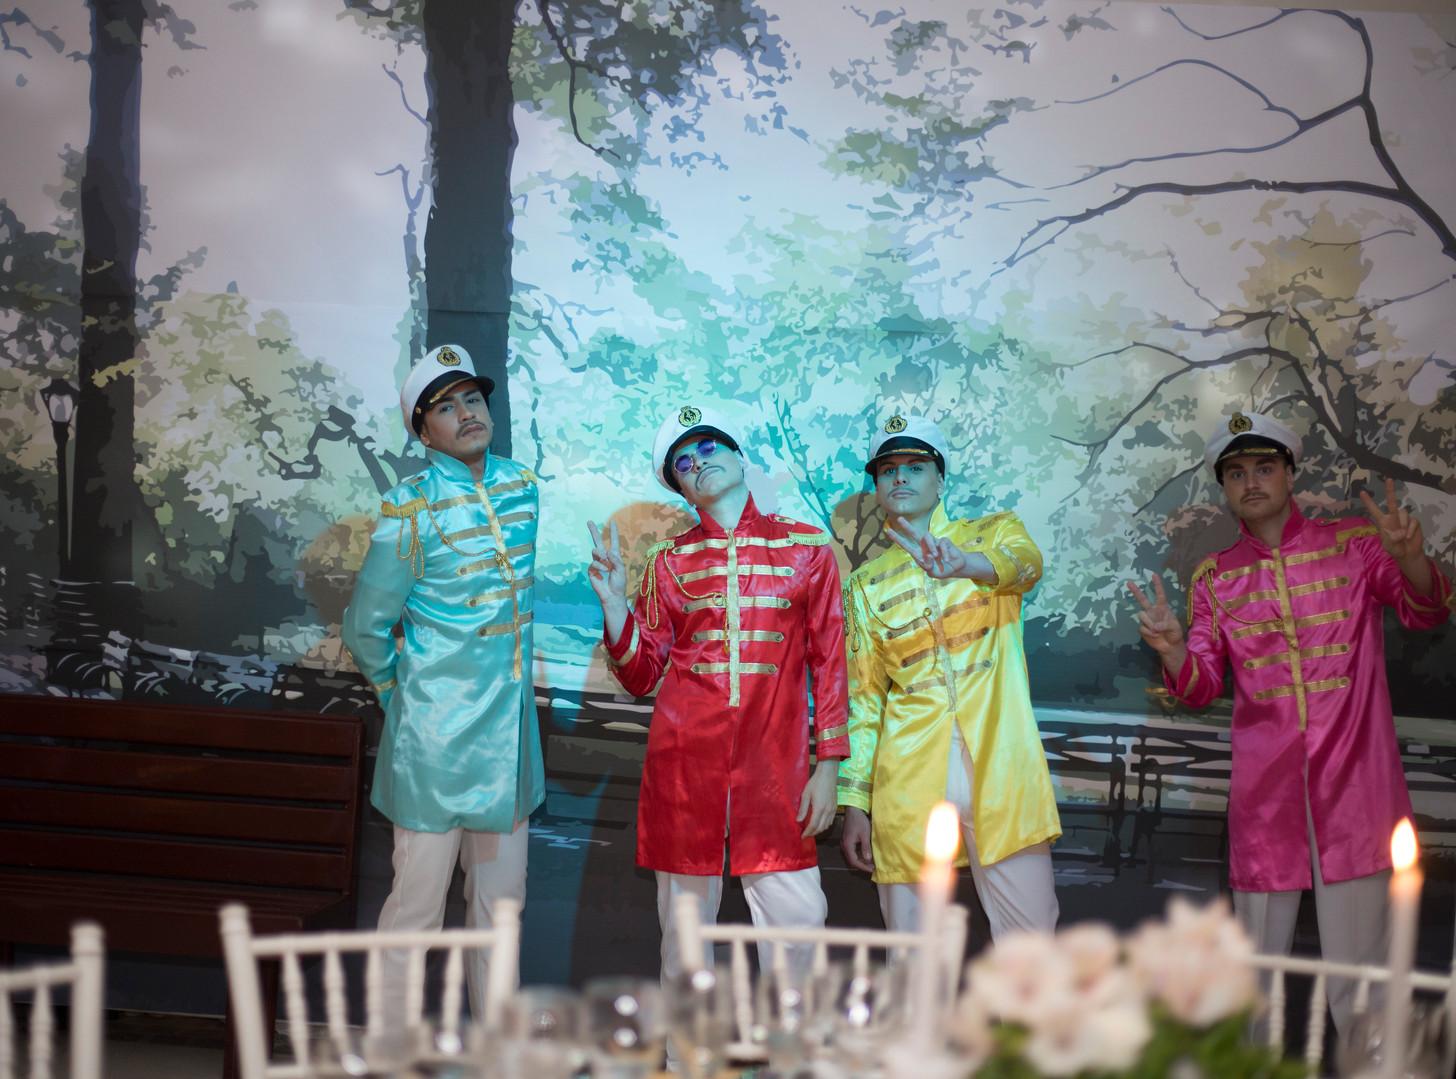 Artistas - The Beatles